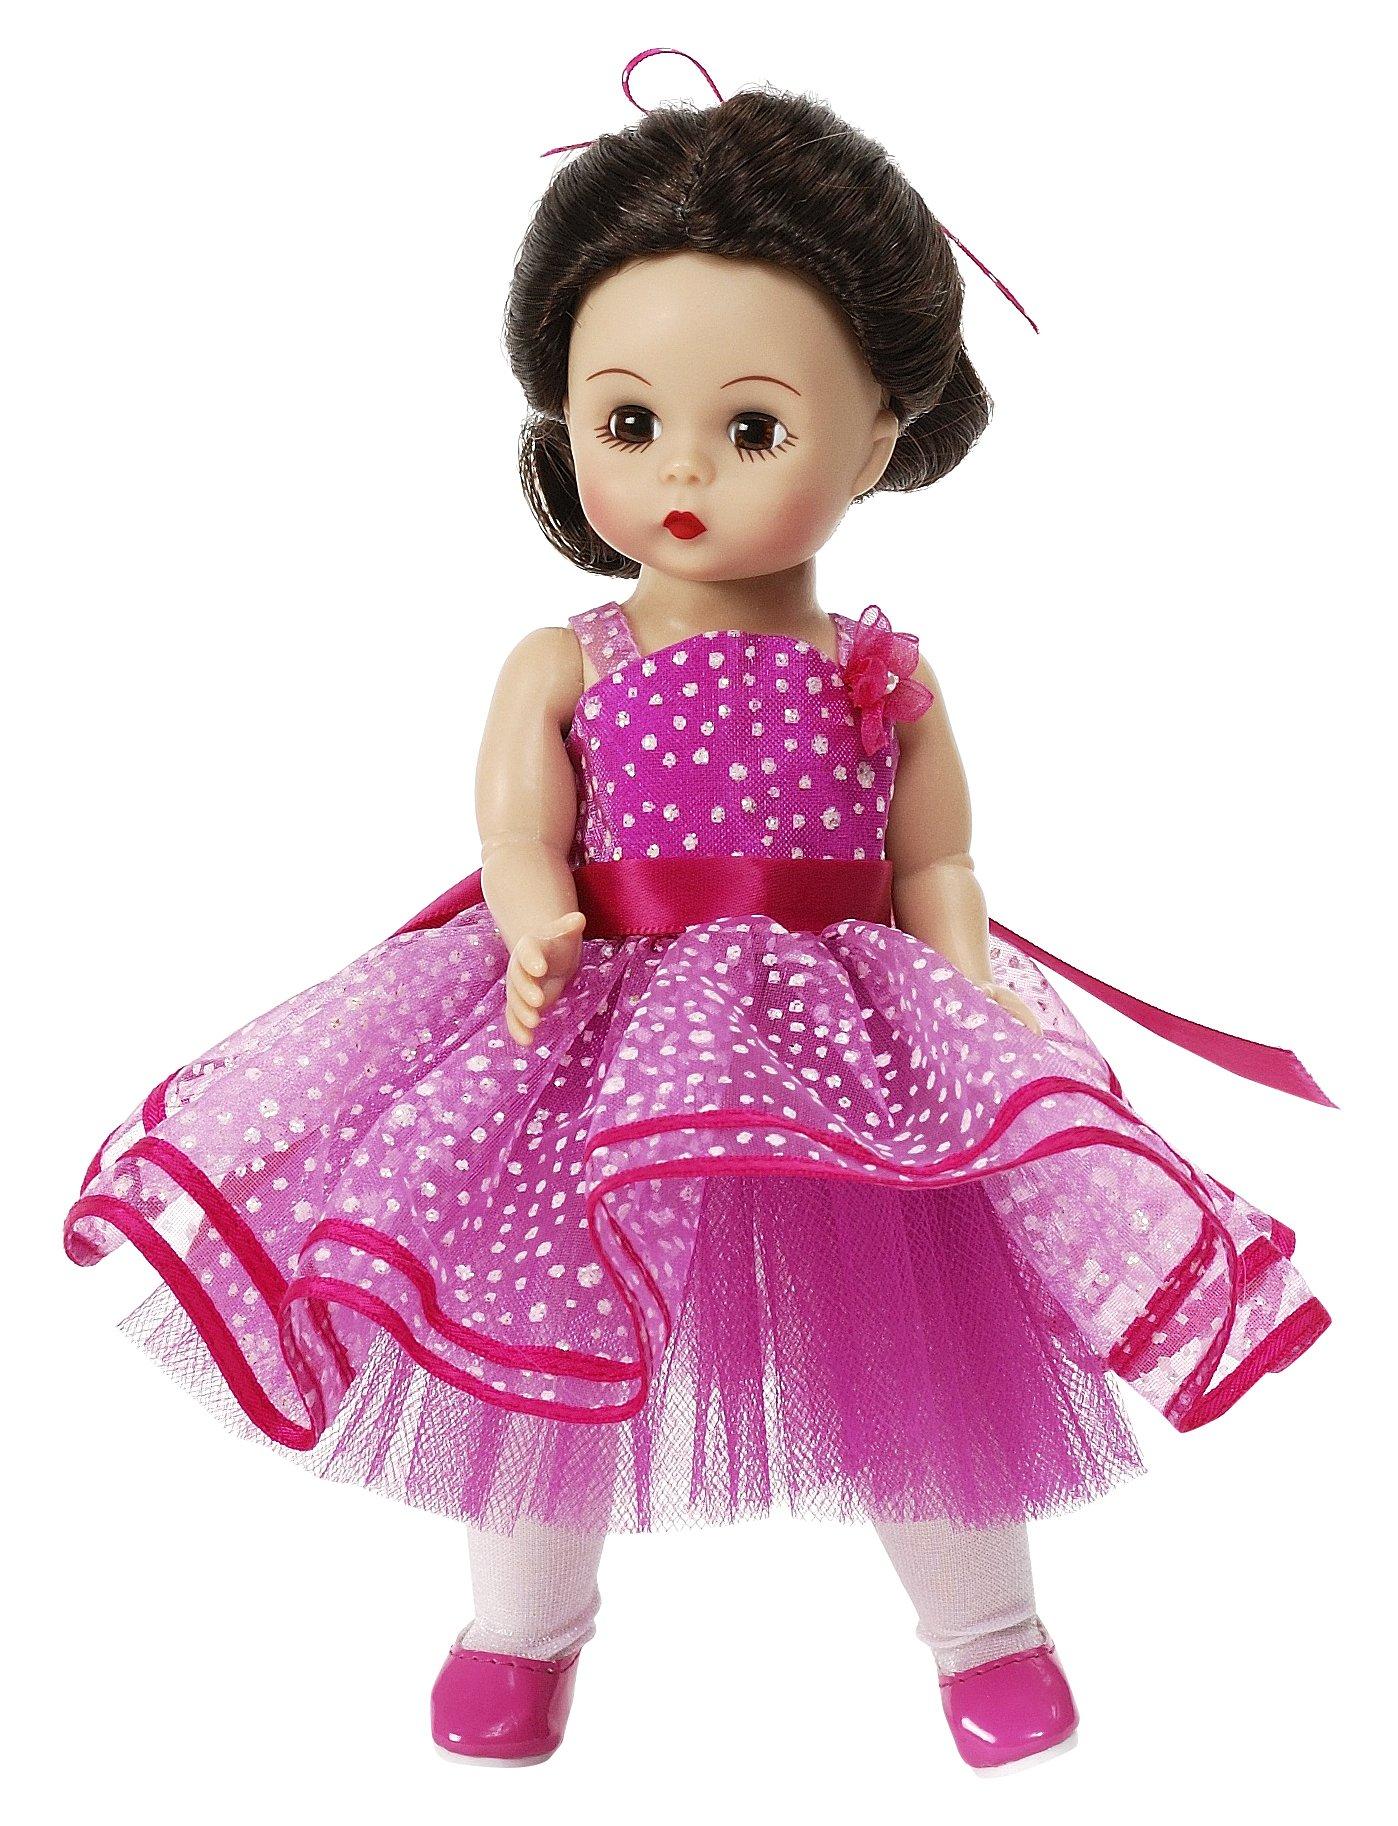 Madame Alexander Birthday Wishes Brunette Doll, 8''